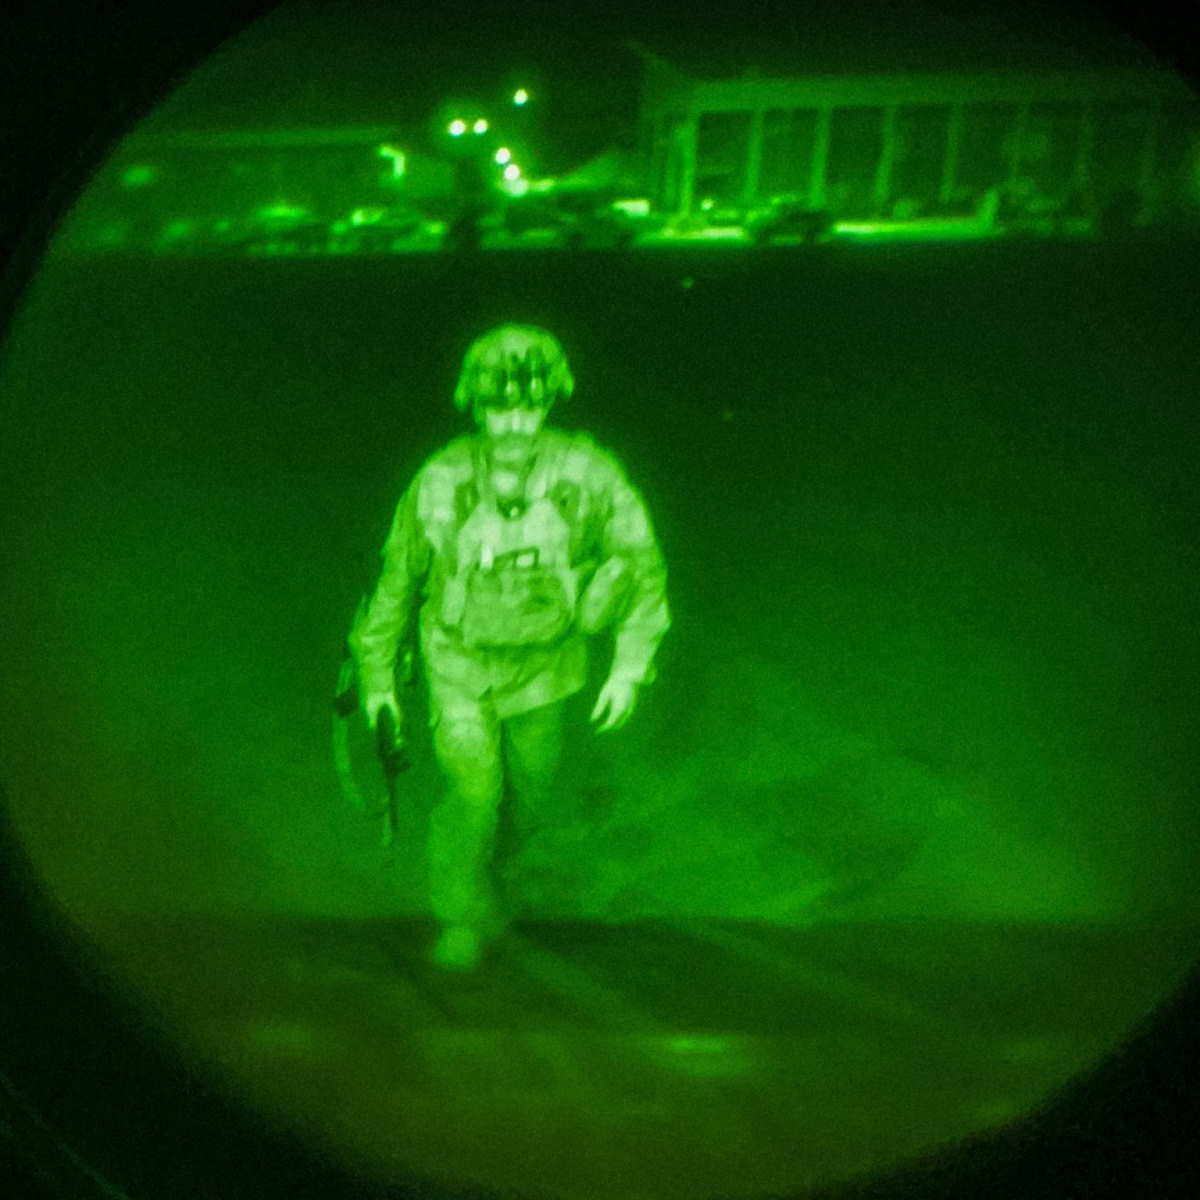 Le ultime truppe Usa hanno lasciato Kabul il 30 agosto, con un giorno d'anticipo